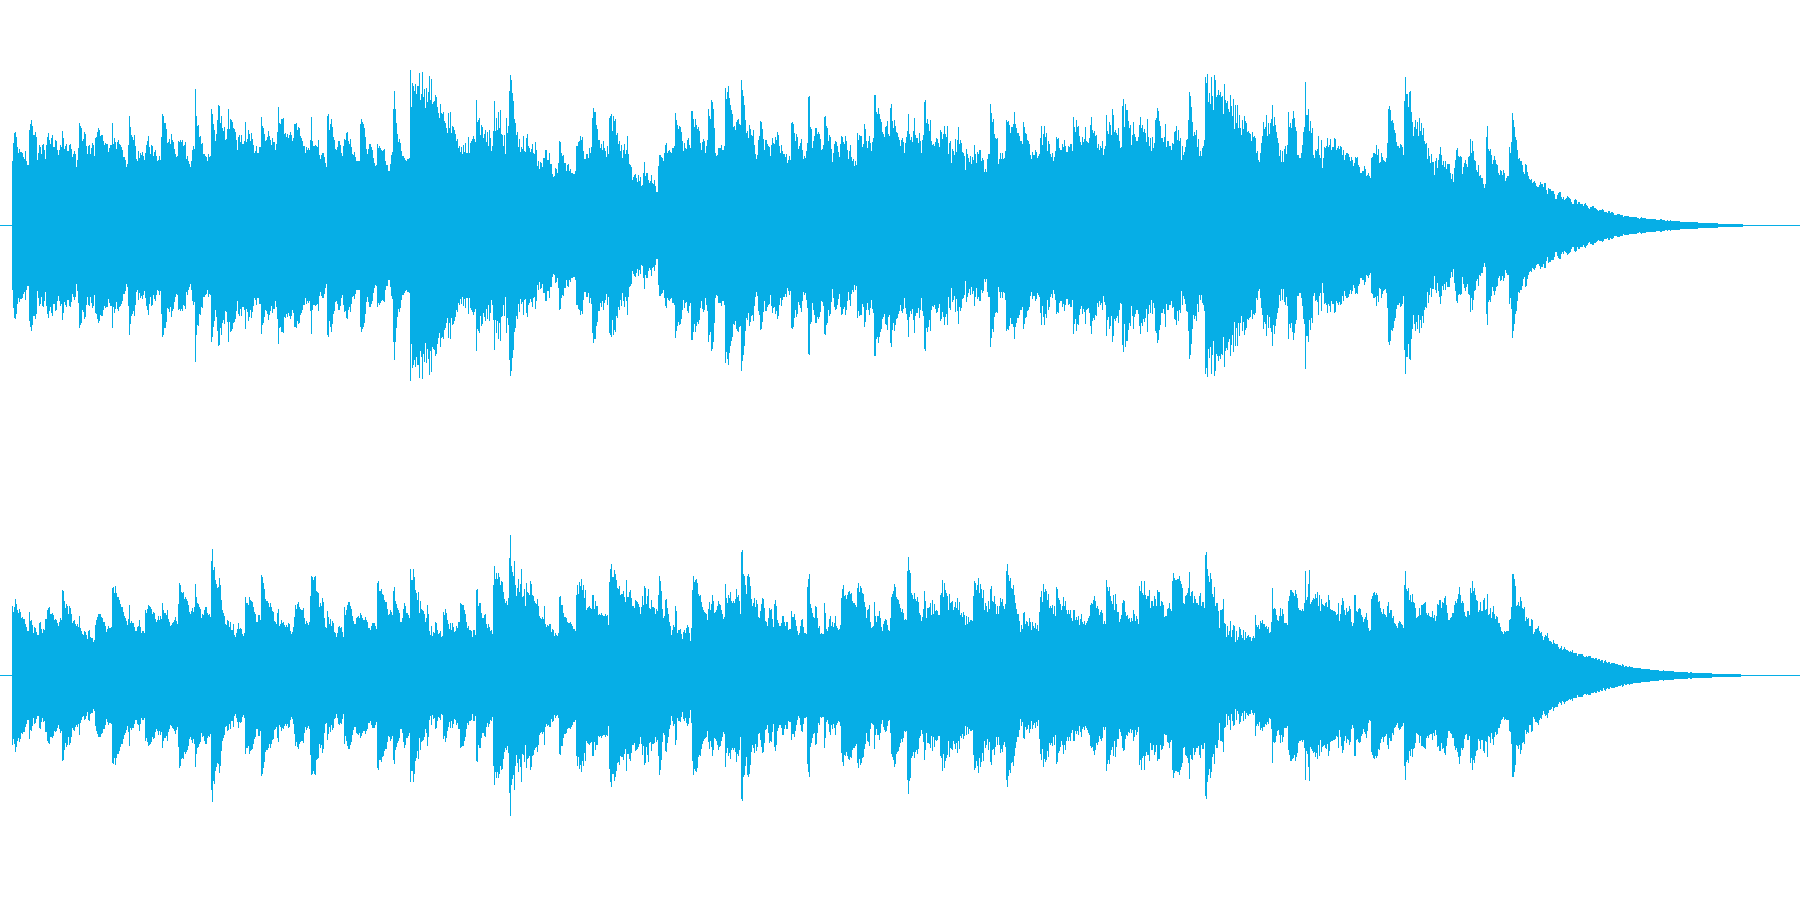 おやすみ前の癒しオルゴールBGMの再生済みの波形